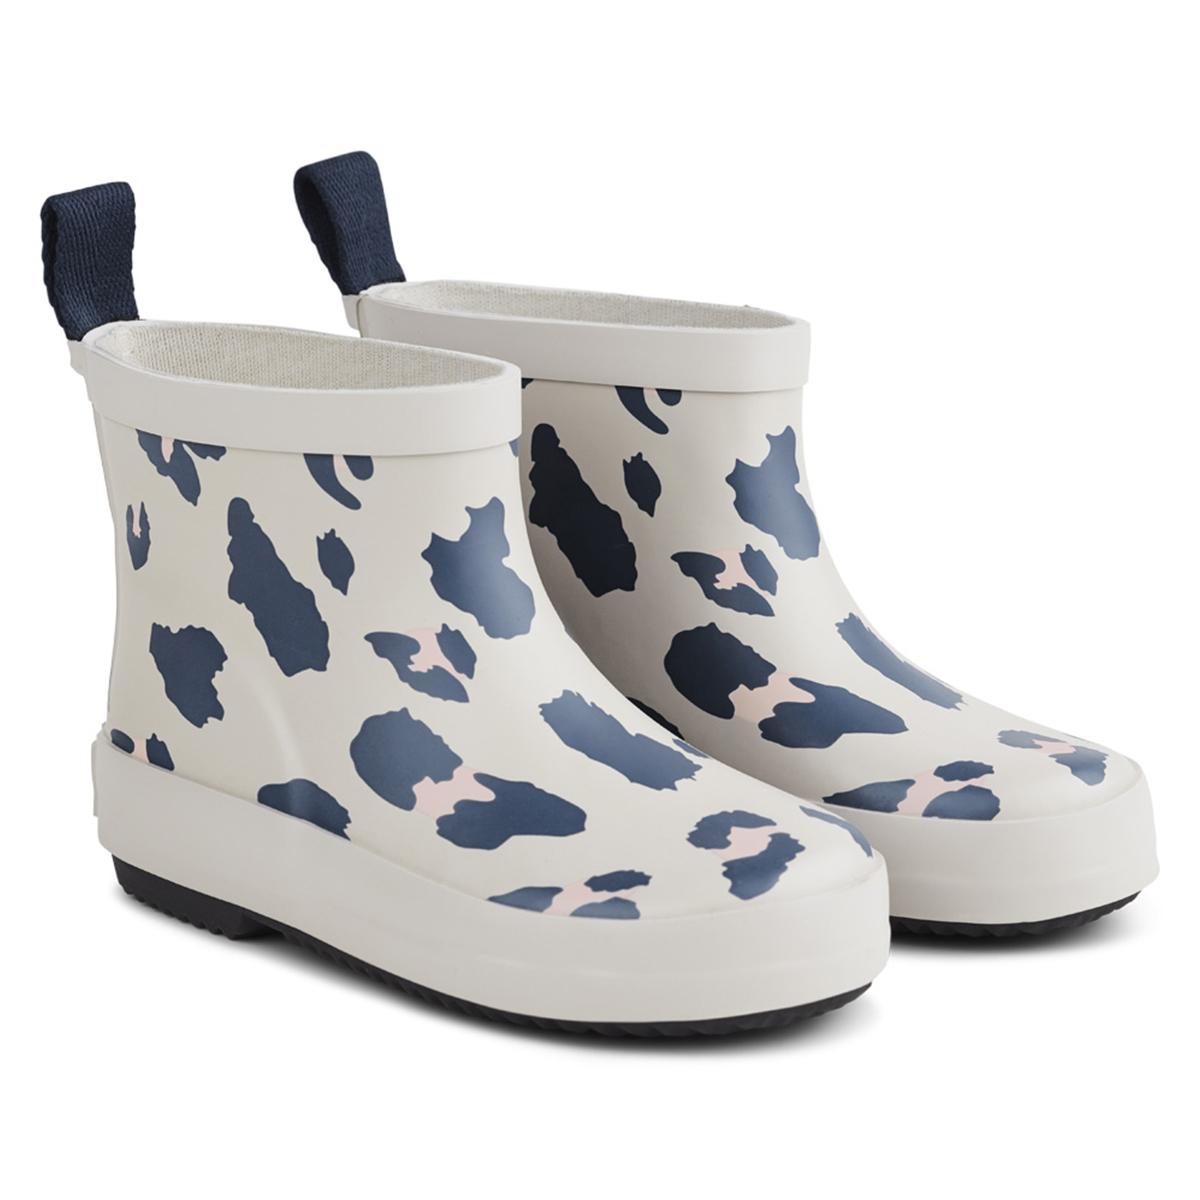 Chaussons & Chaussures Bottes de Pluie Tobi Leo Beige Beauty - 26